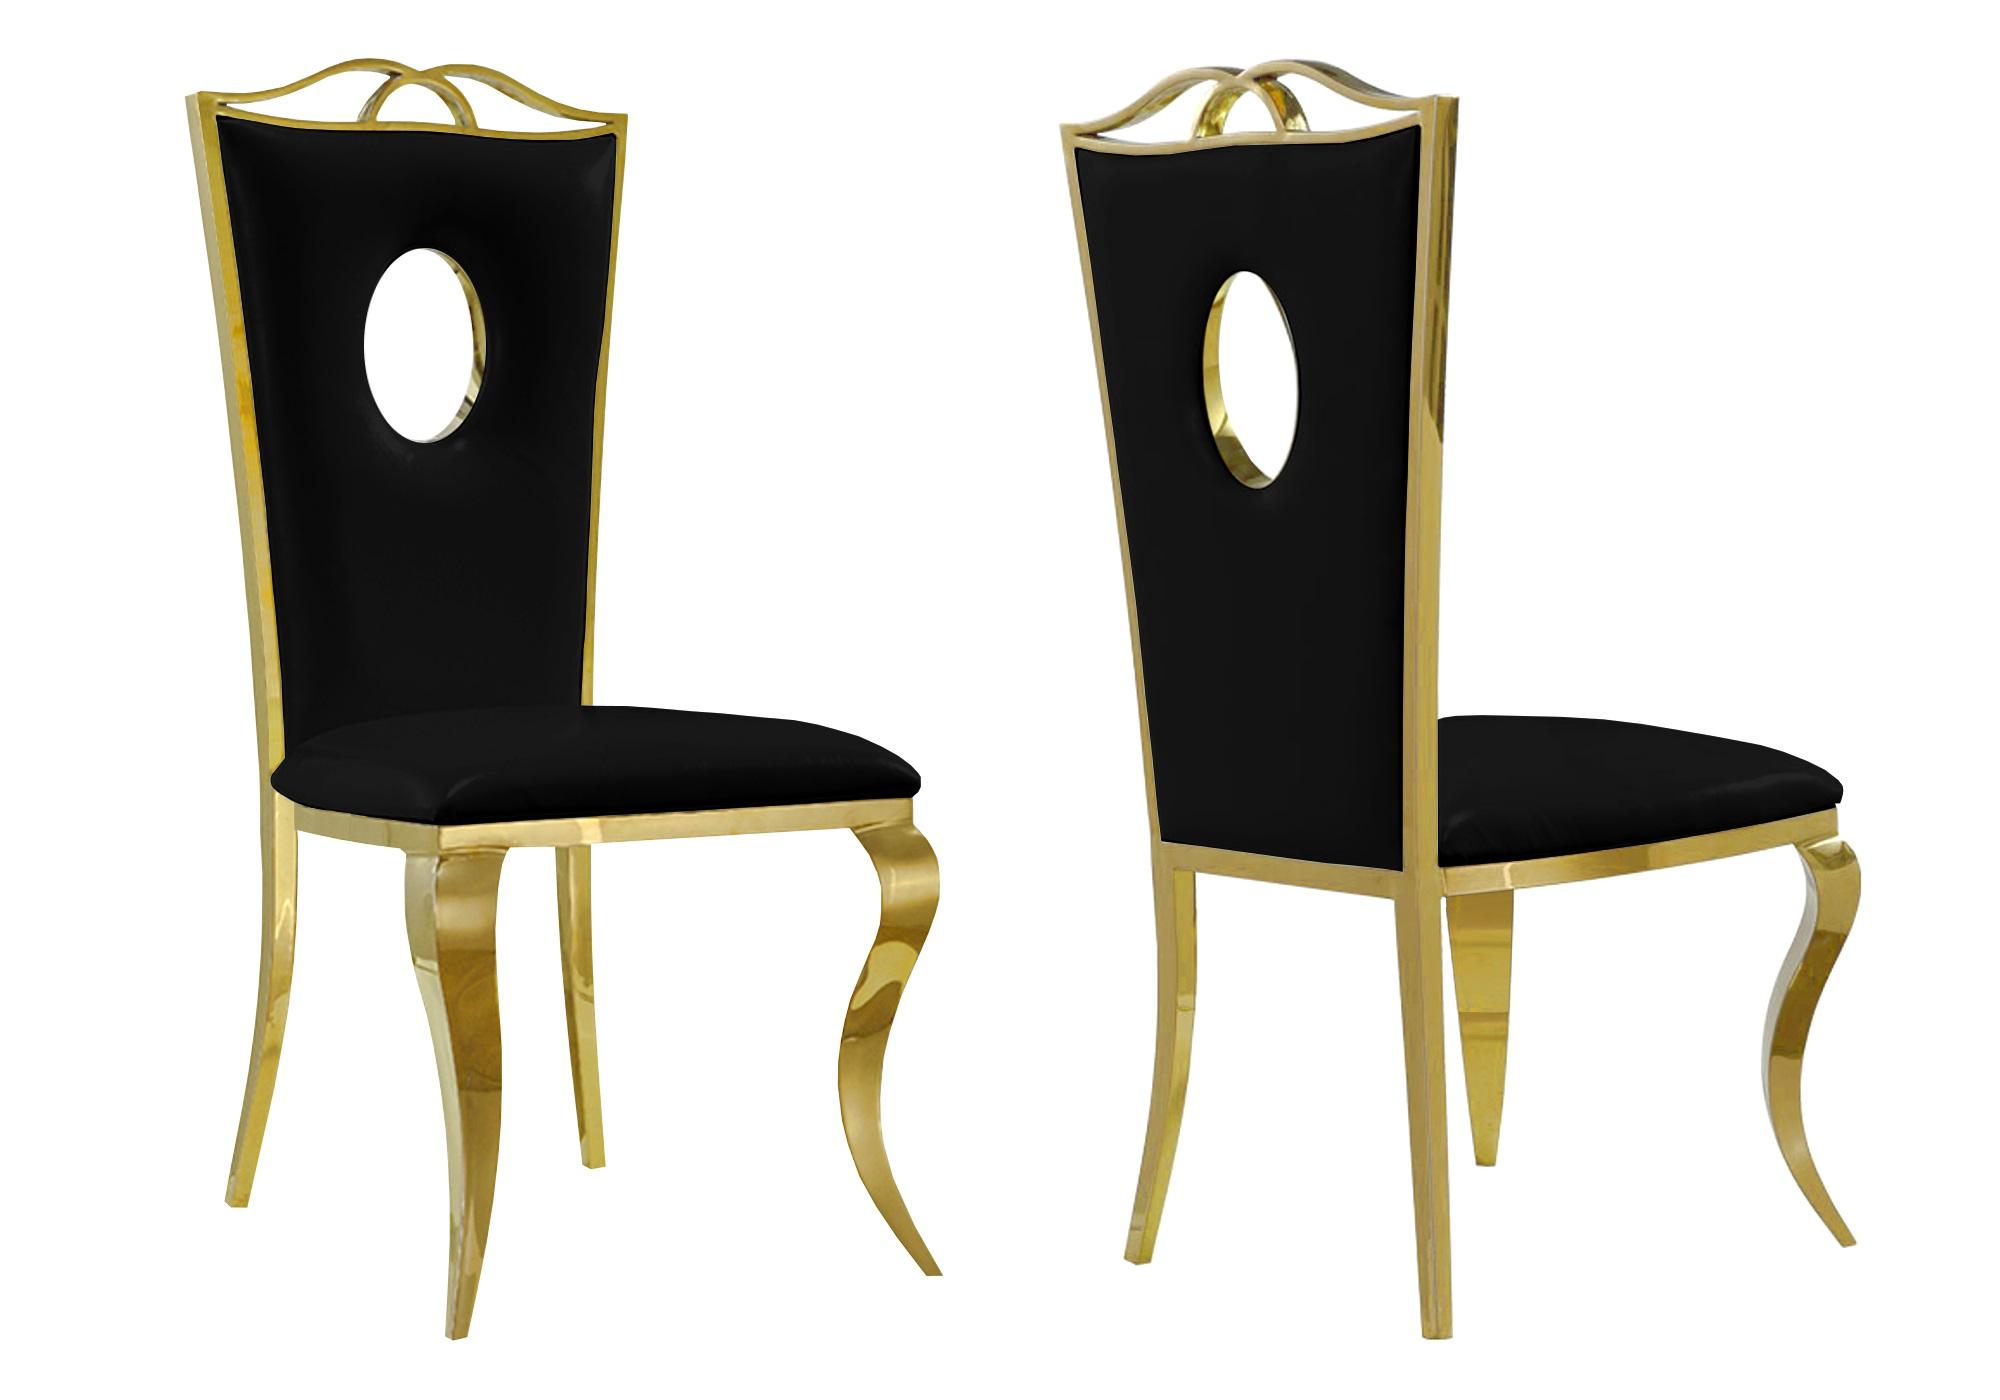 Chaises baroque doré noir PIA